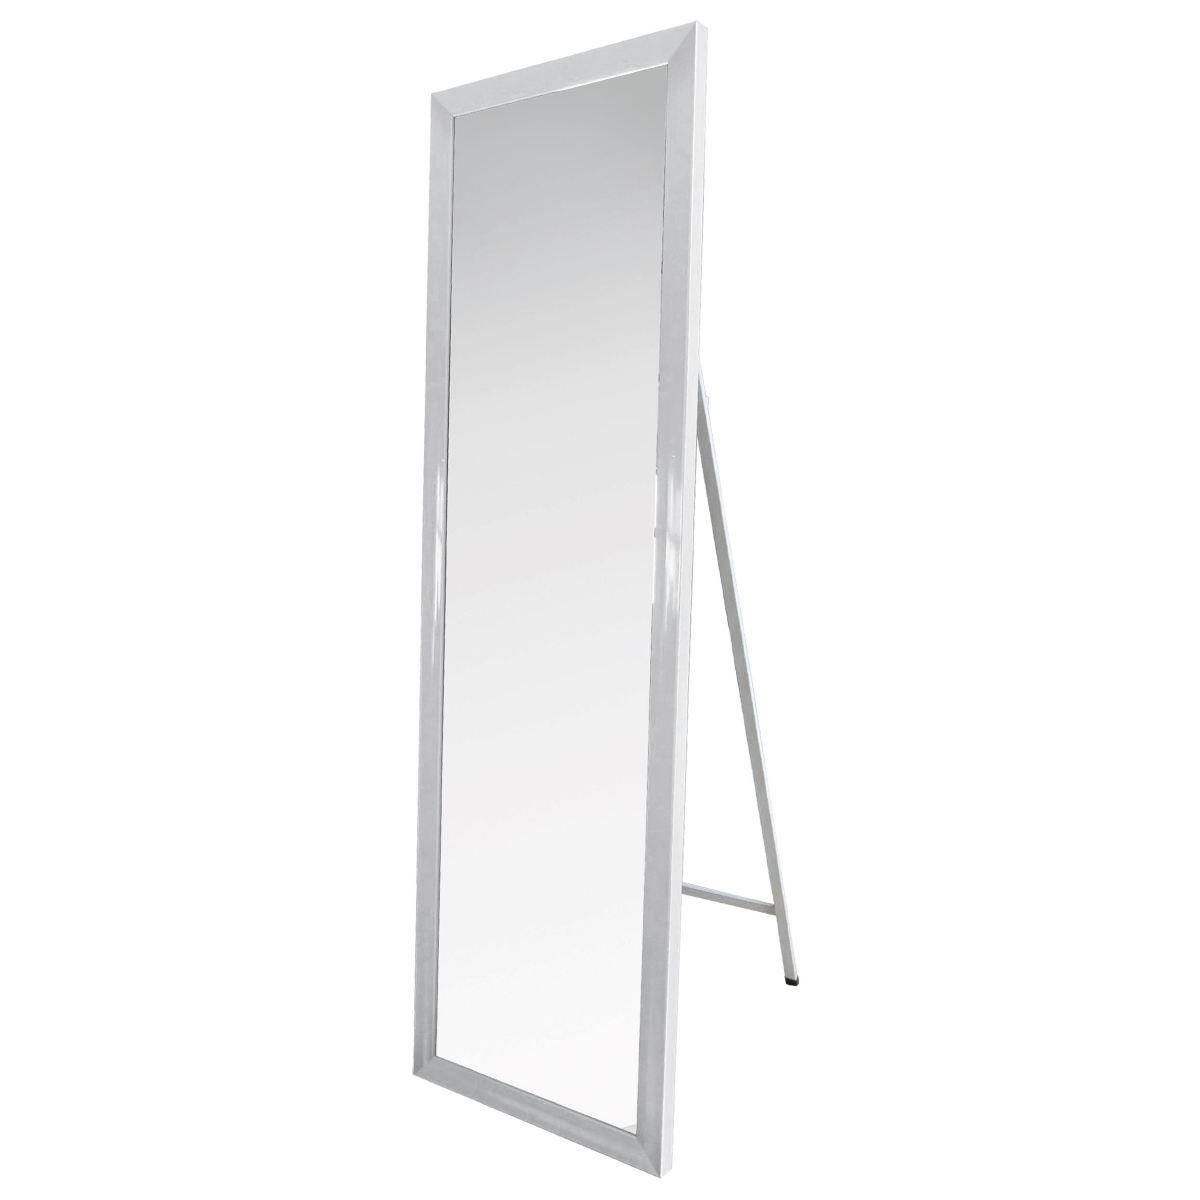 Spiegel Standspiegel standspiegel pool weiß spiegel flur garderobe flur und